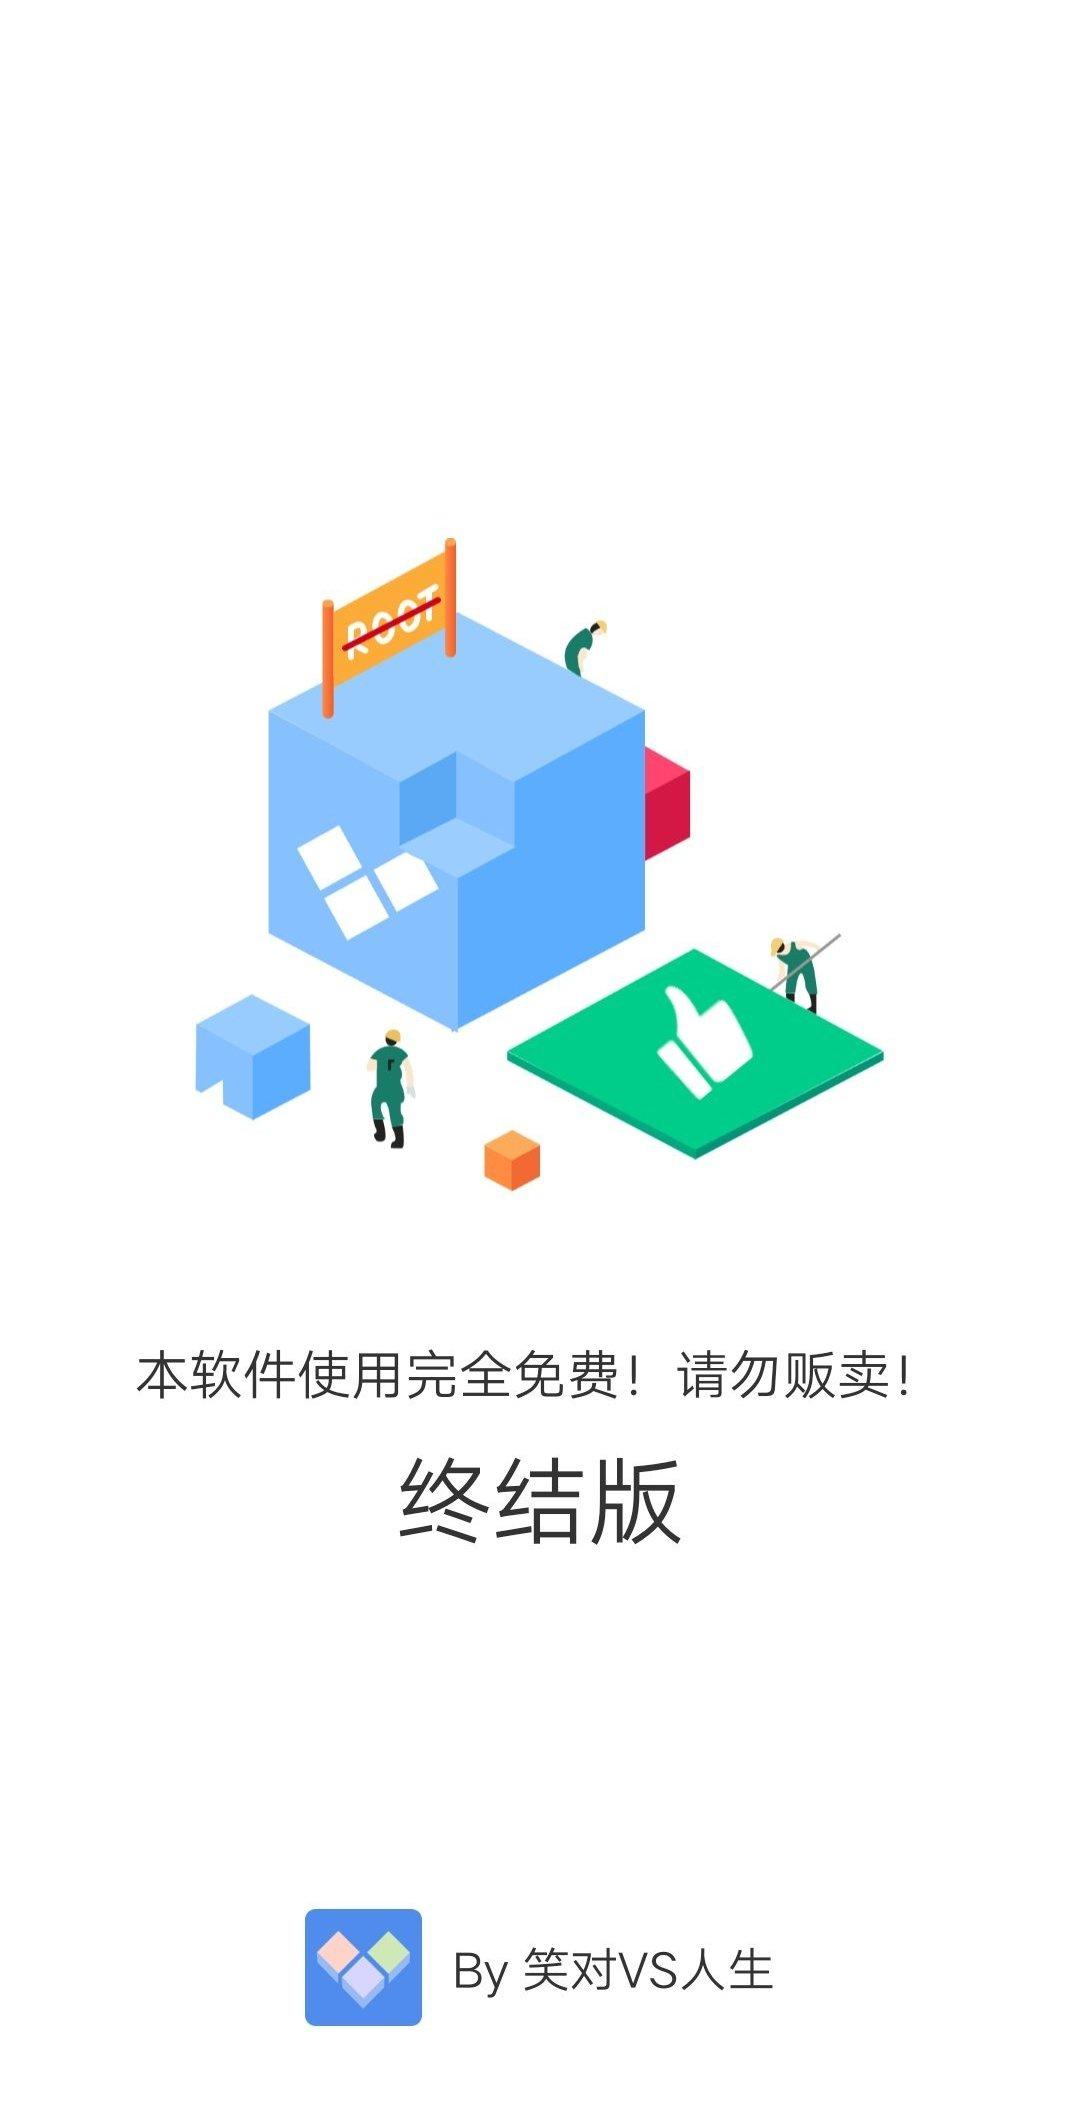 【申精】【分享】多开分身全功能#王者荣耀修改定位#机型伪装#红包